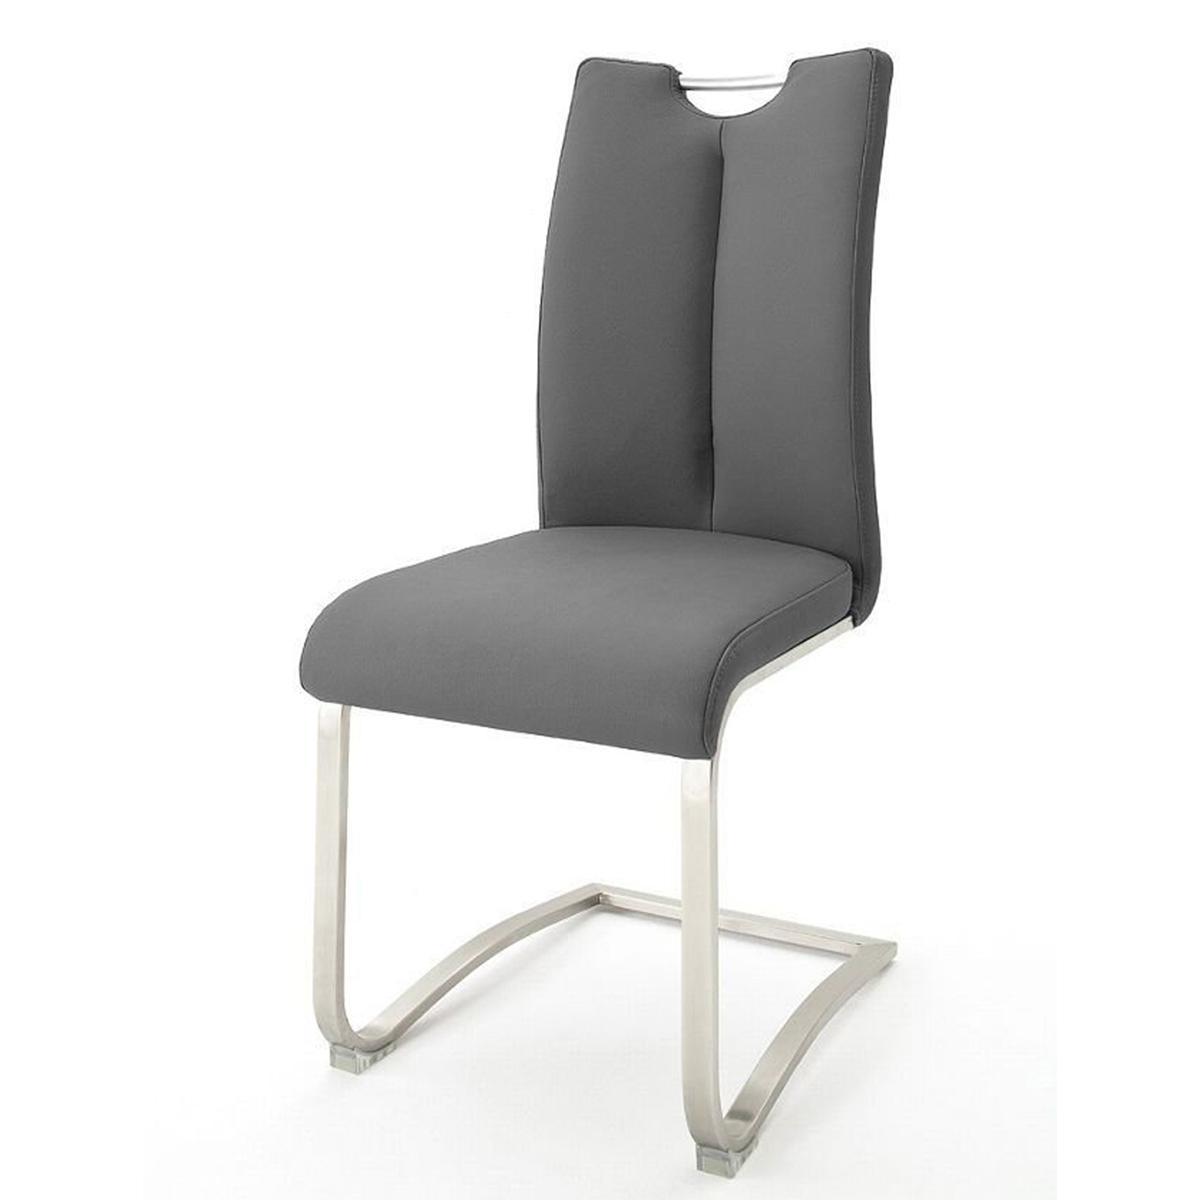 Pegane Lot de 2 chaises de salle à manger en acier et cuir gris - H.102 x L.45 x P.58 cm